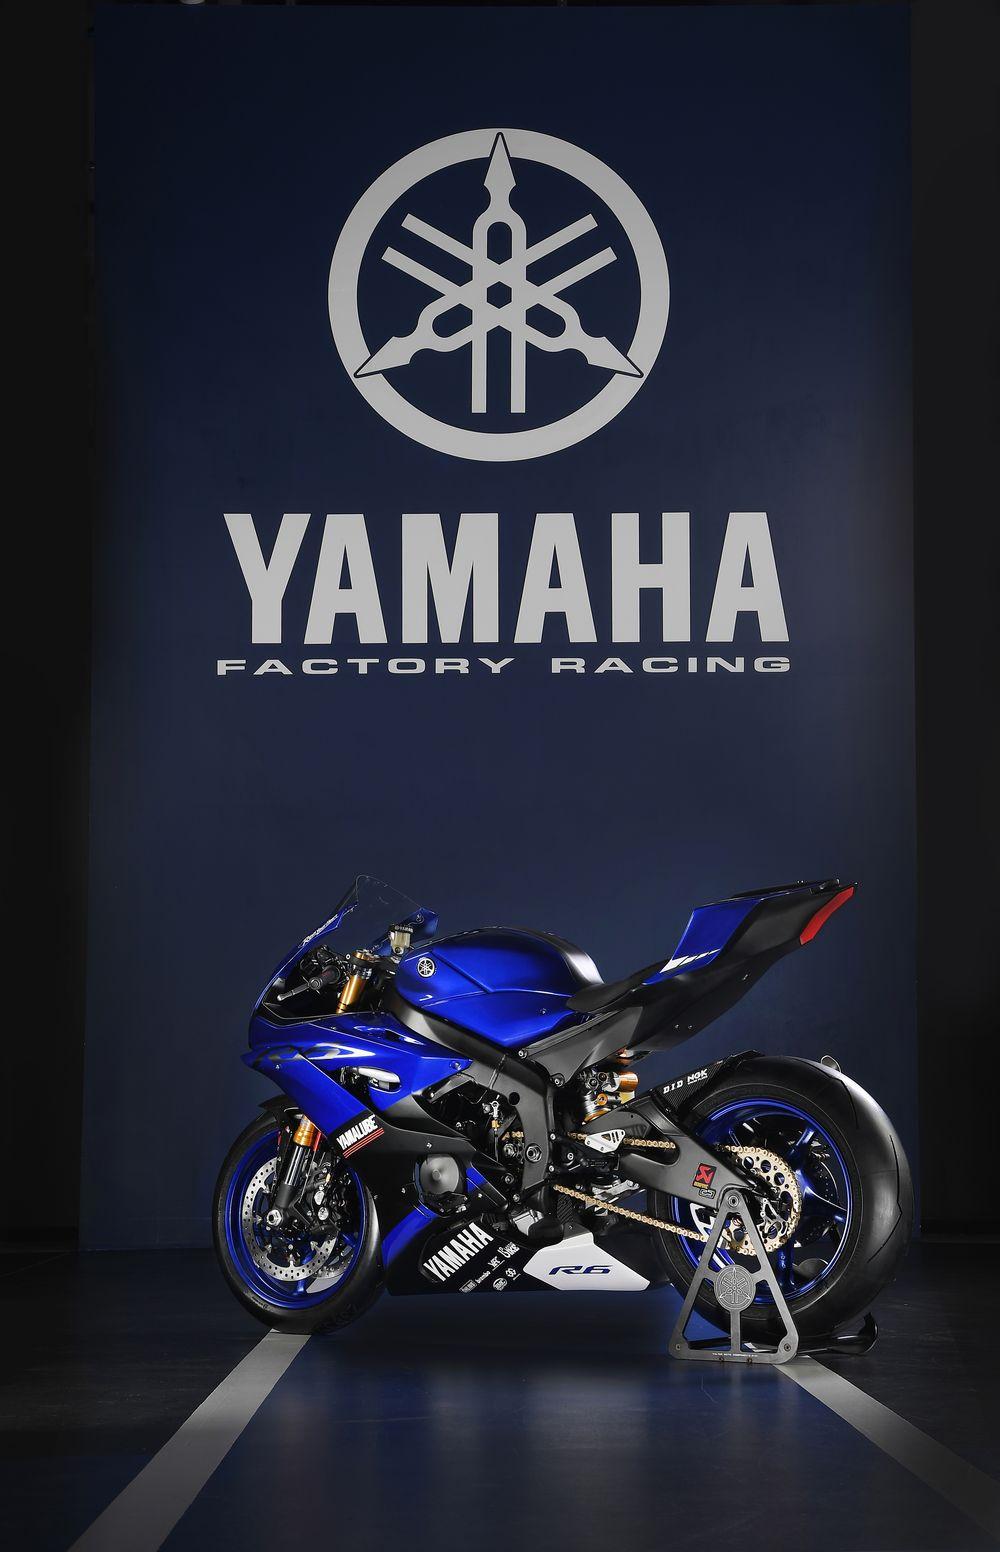 yamaha-r6-photos-full-view